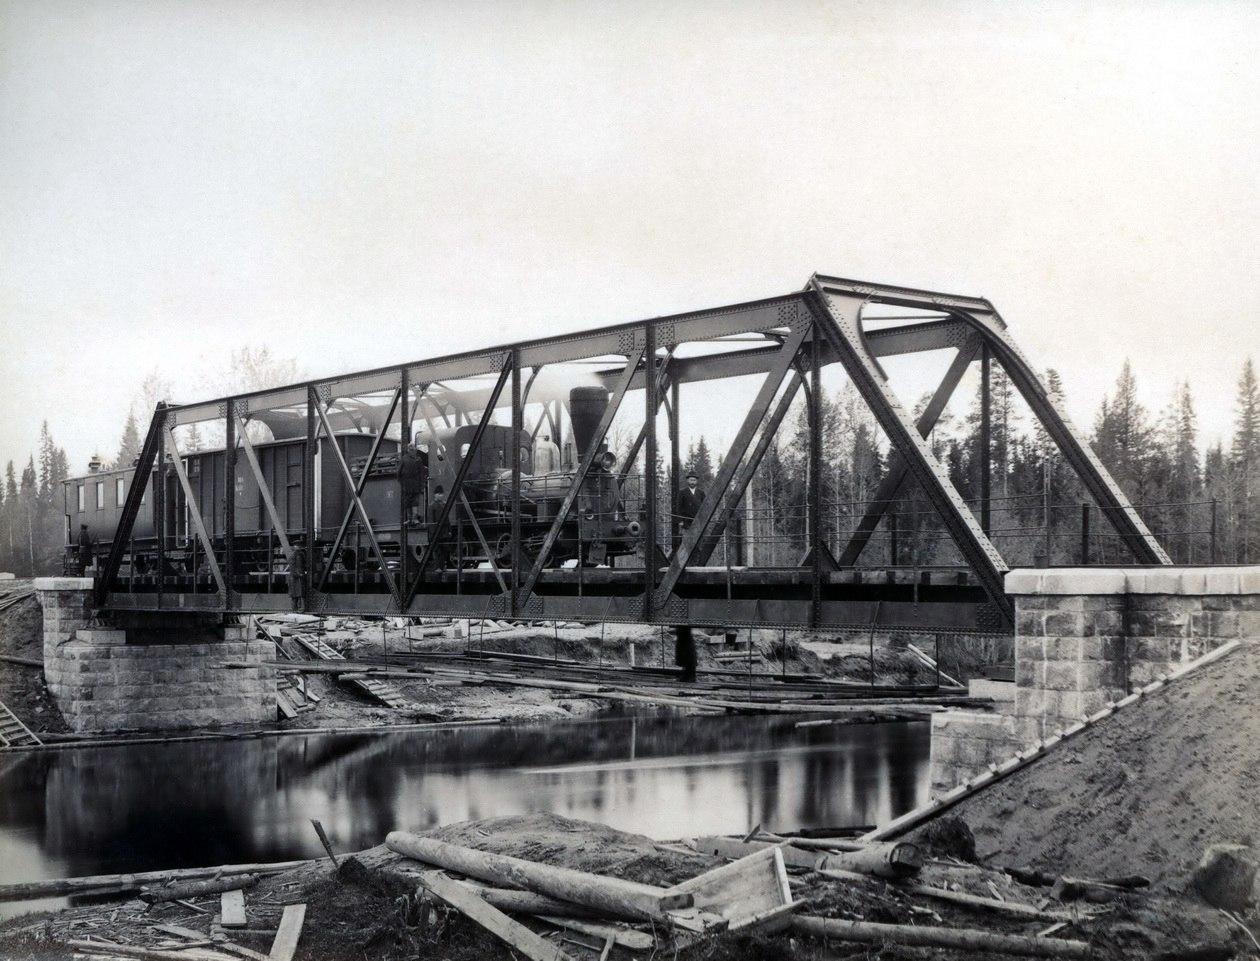 Железнодорожный мост через речку Вандыш в Коношском